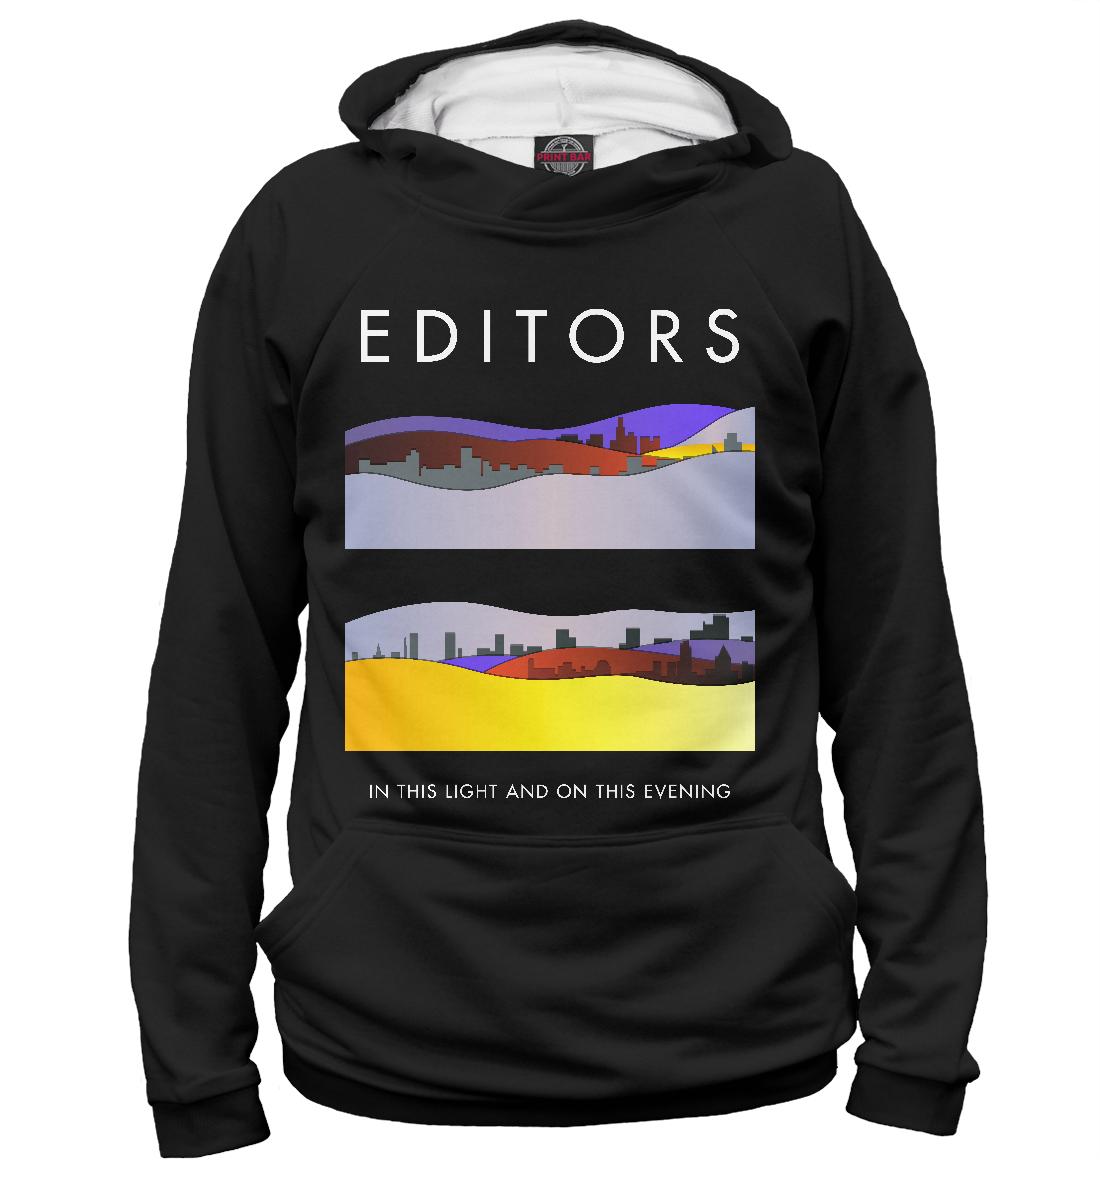 Купить Editors, Printbar, Худи, MZK-457598-hud-1